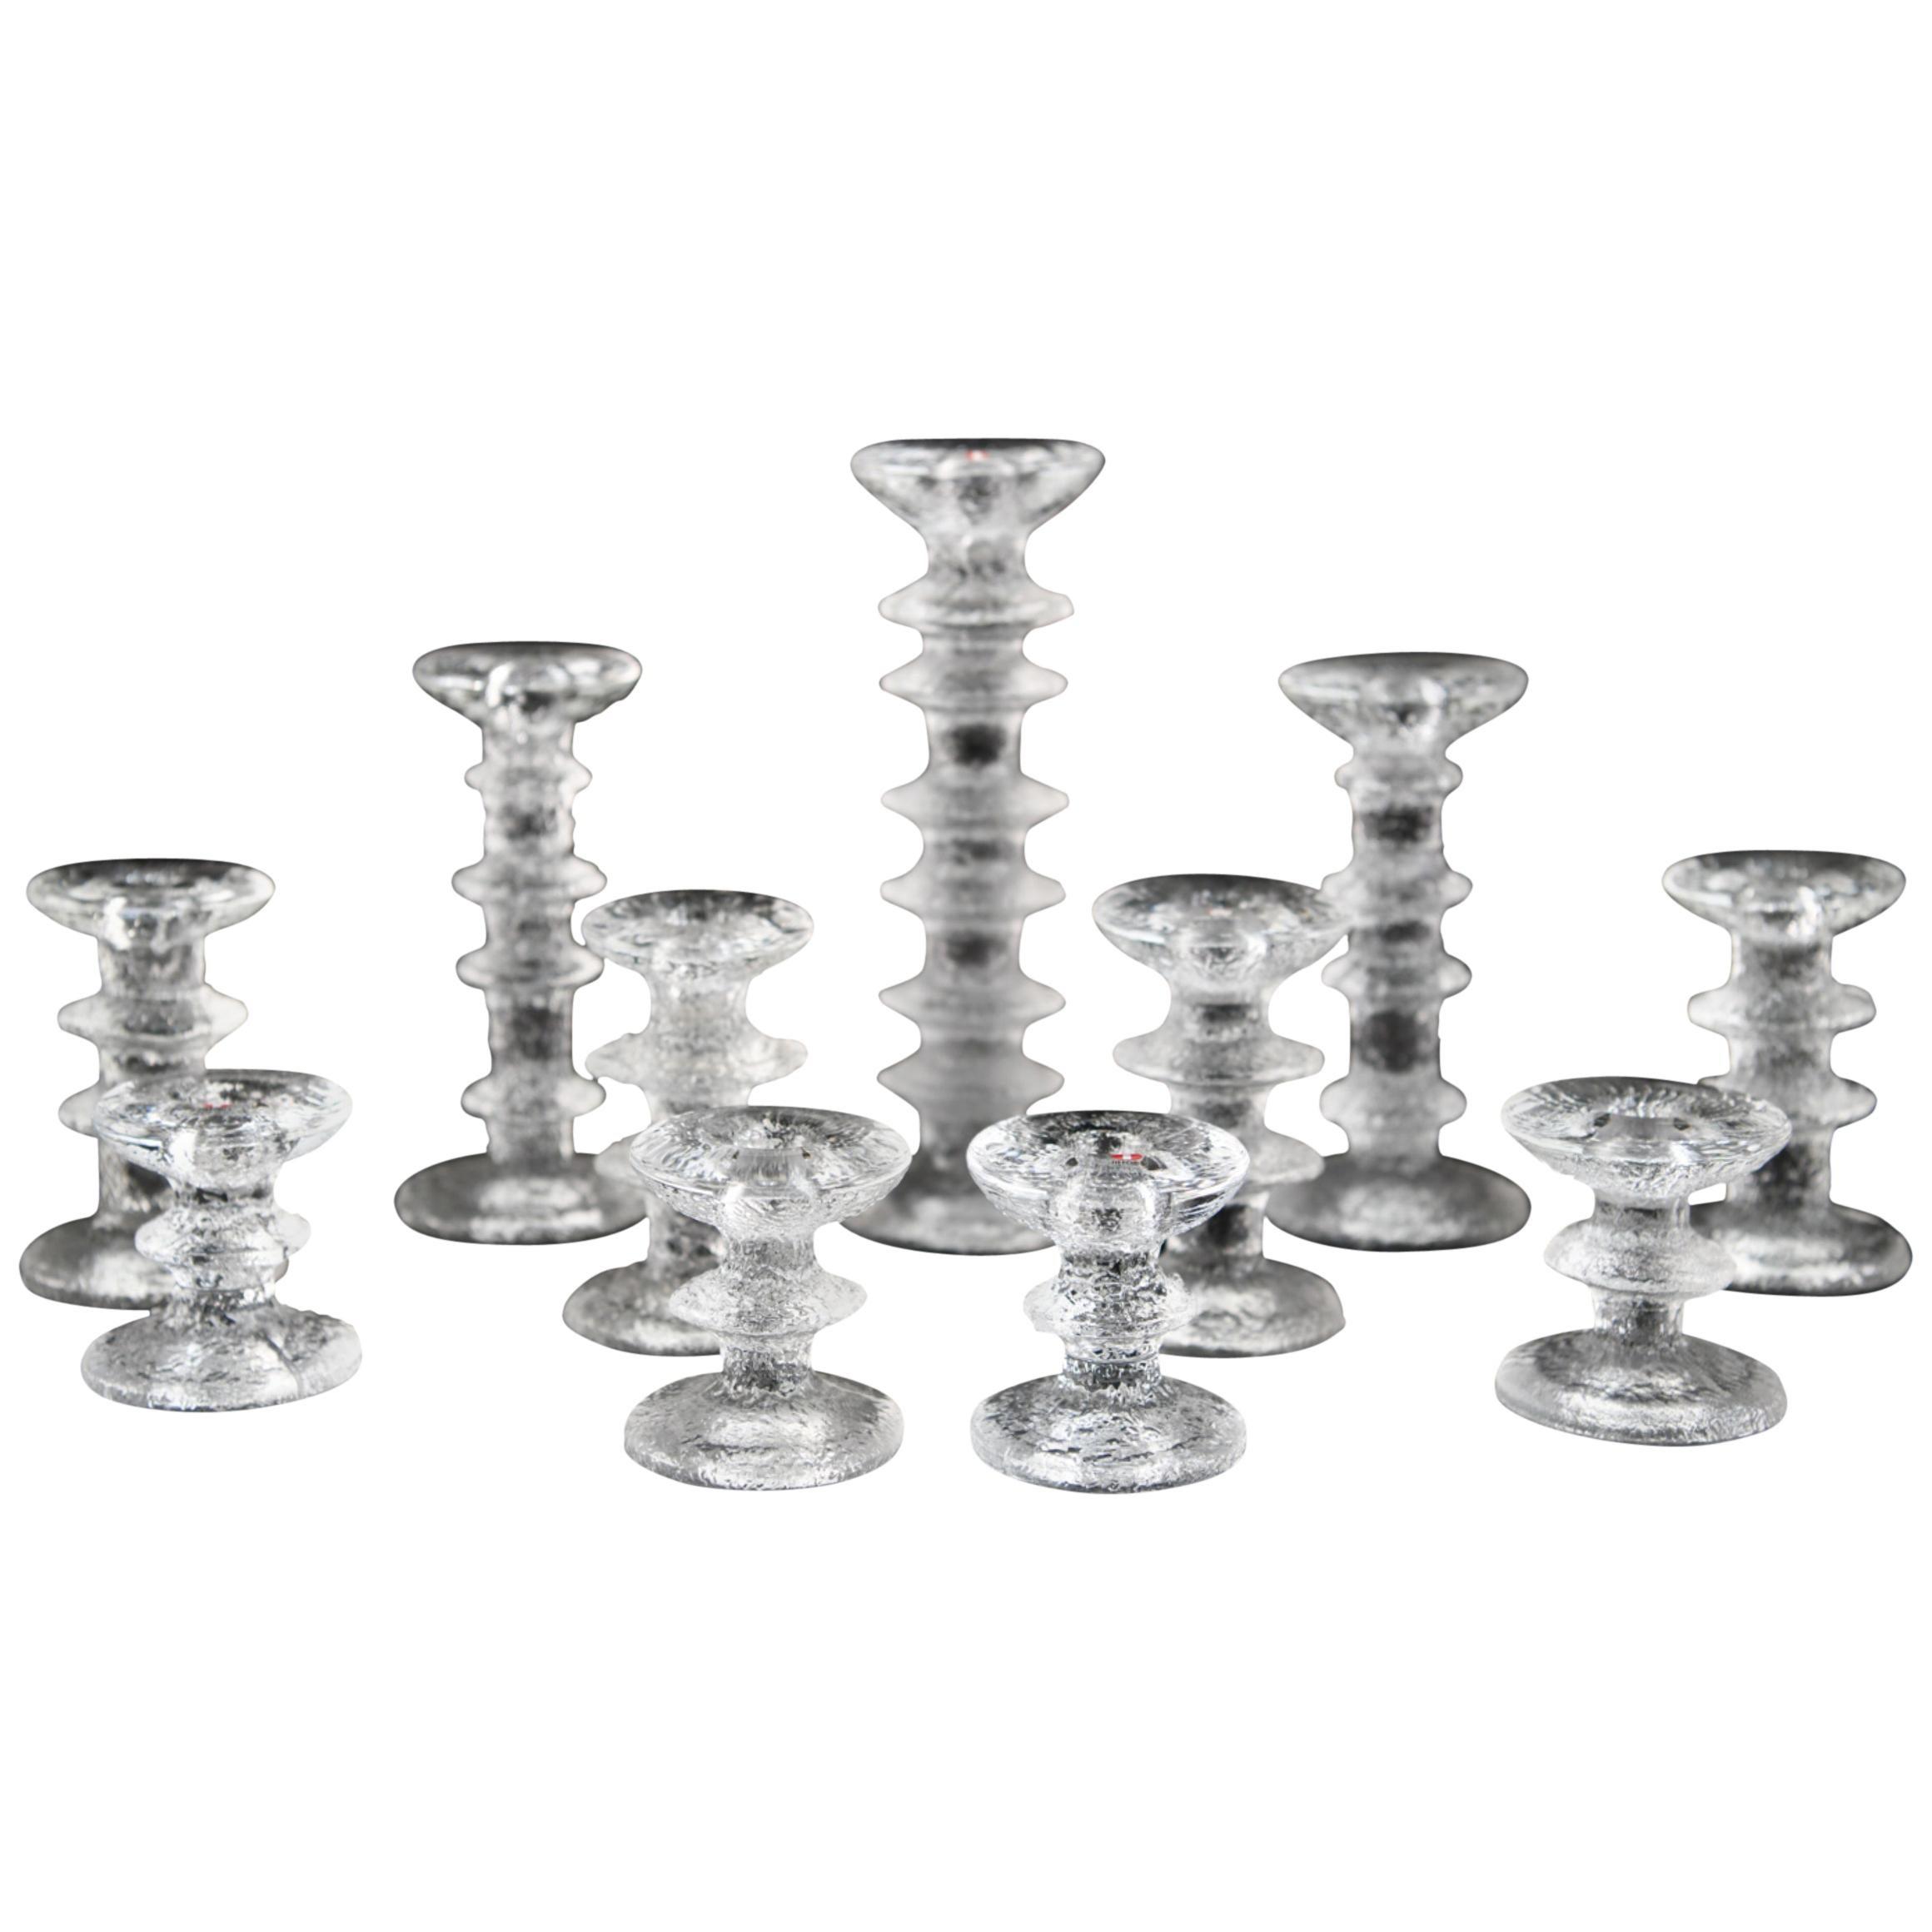 Set of Timo Sarpaneva for Iittala Ice Glass Candlesticks